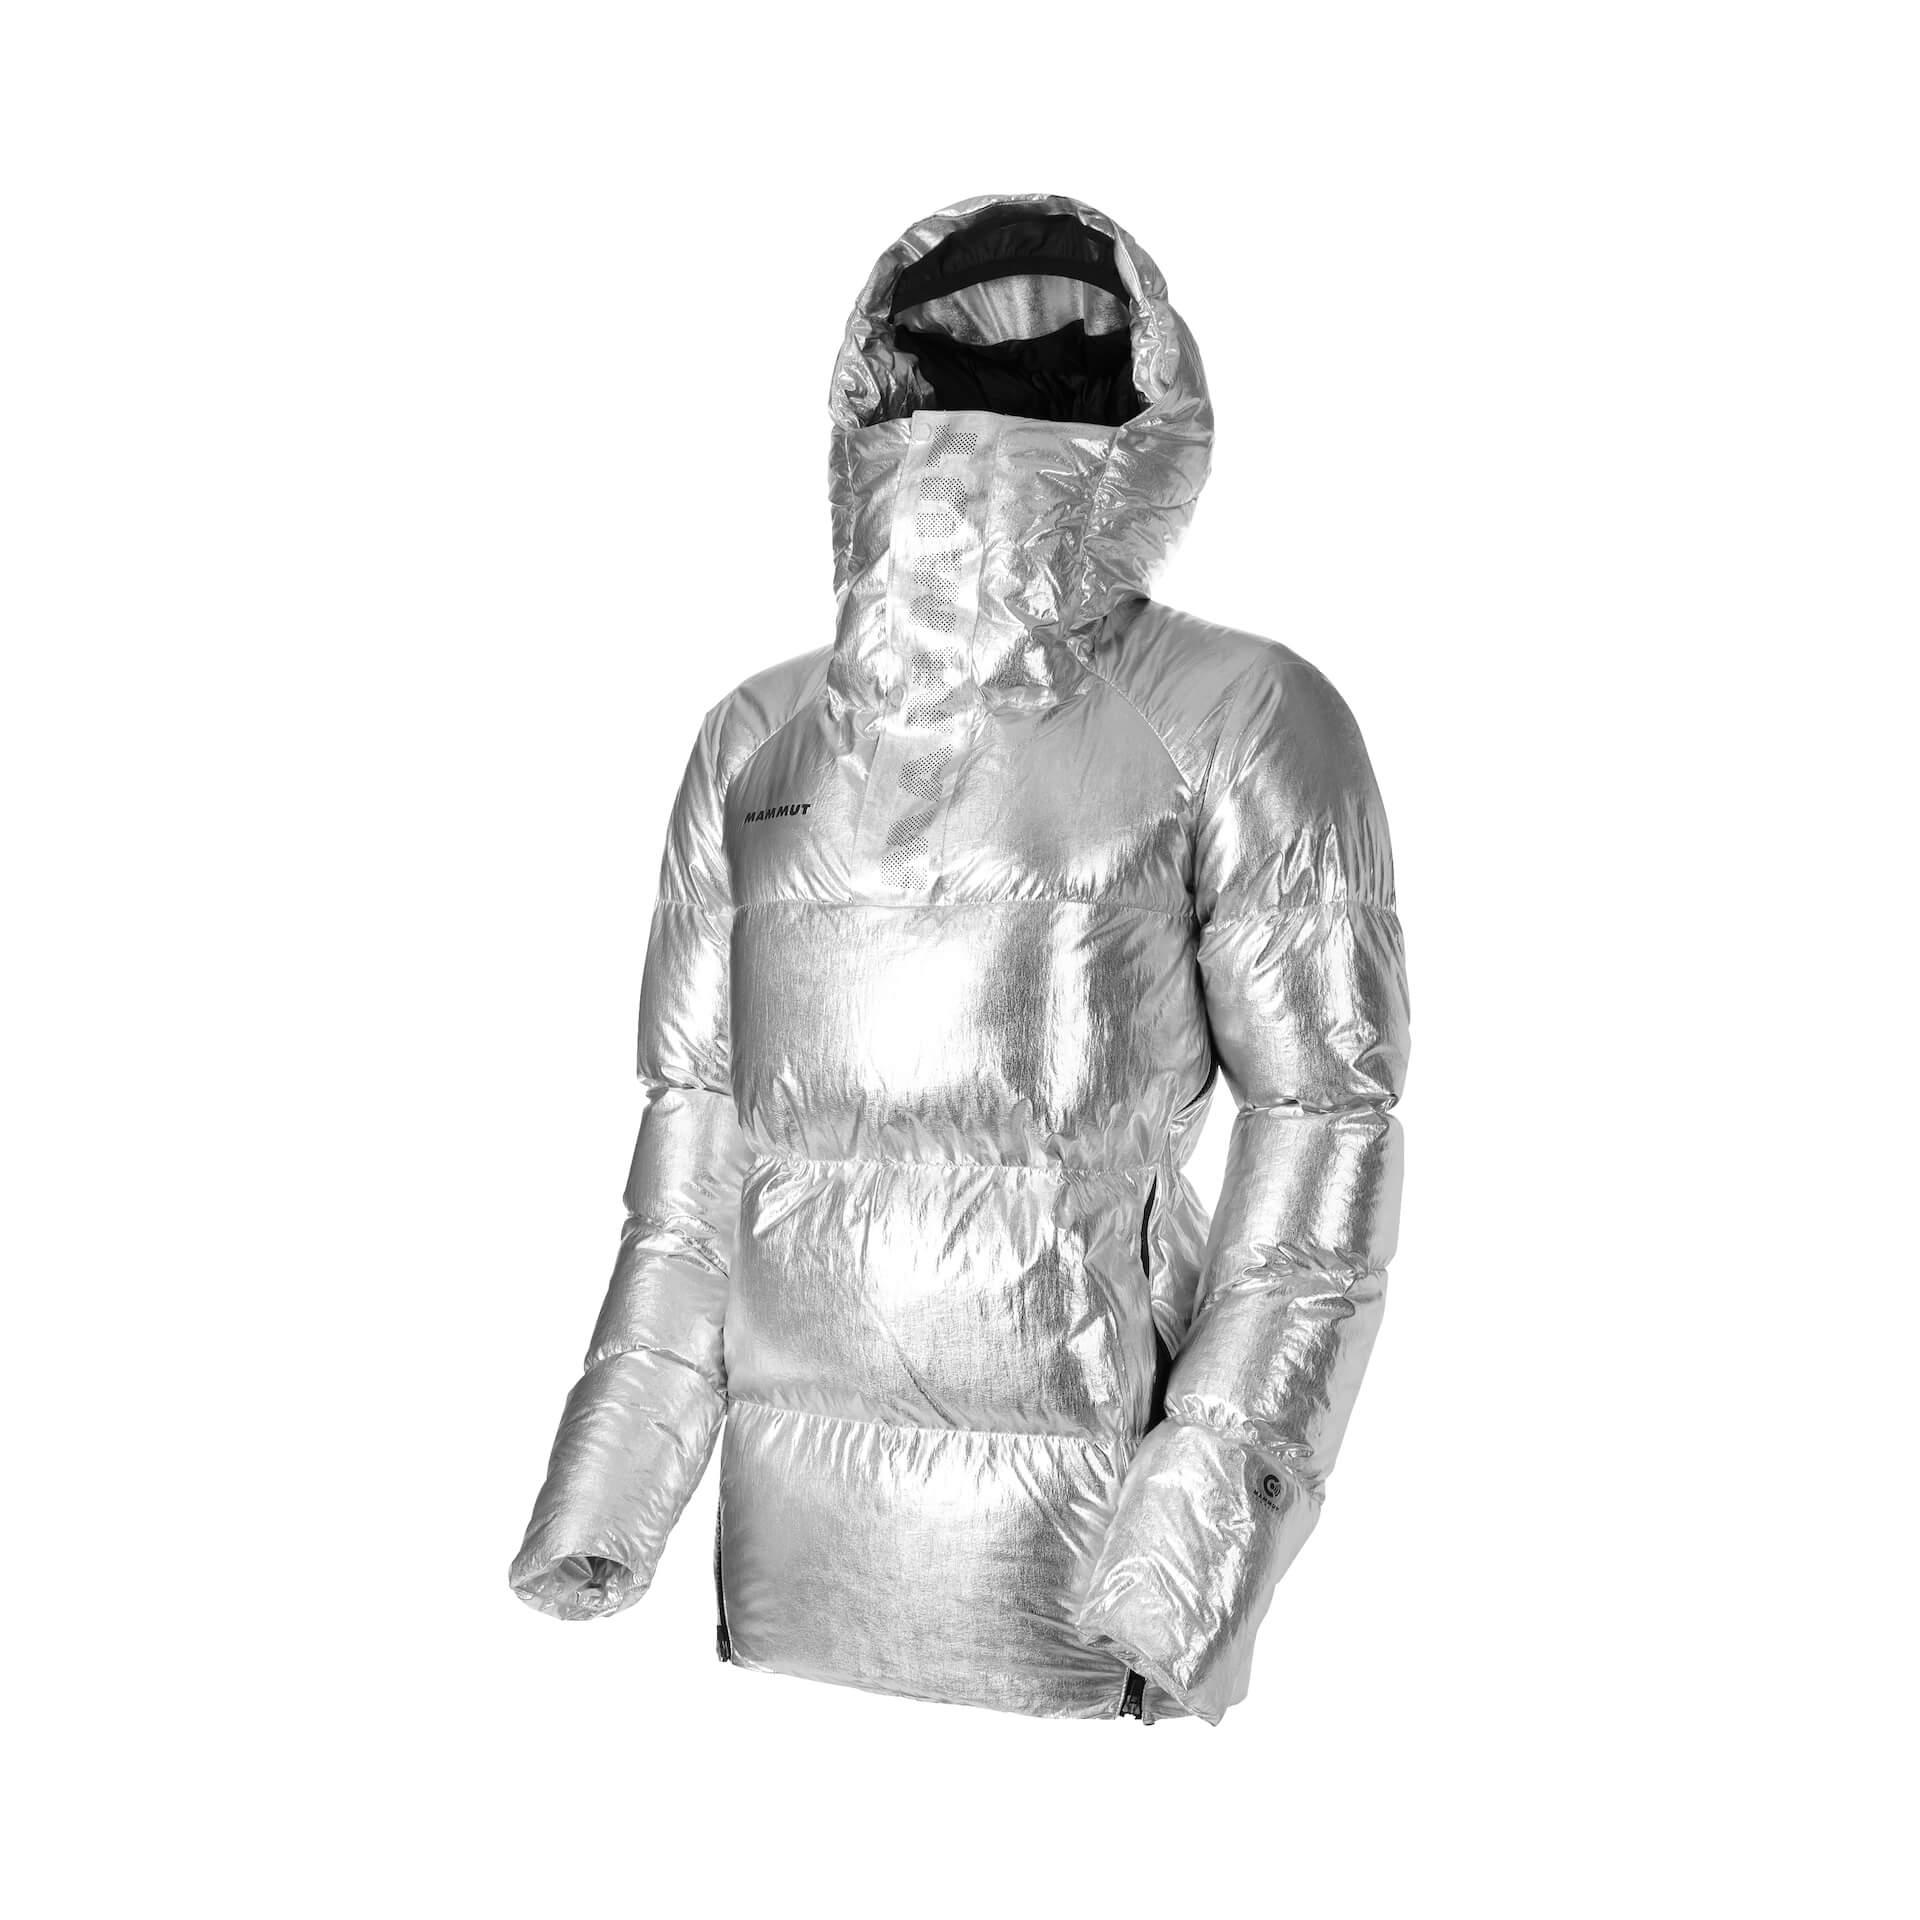 高い保湿力、軽量性を兼ね備えたハイスペックダウン「MAMMUT DELTA X」2ndシーズンが登場 lf190903urbaneering_5